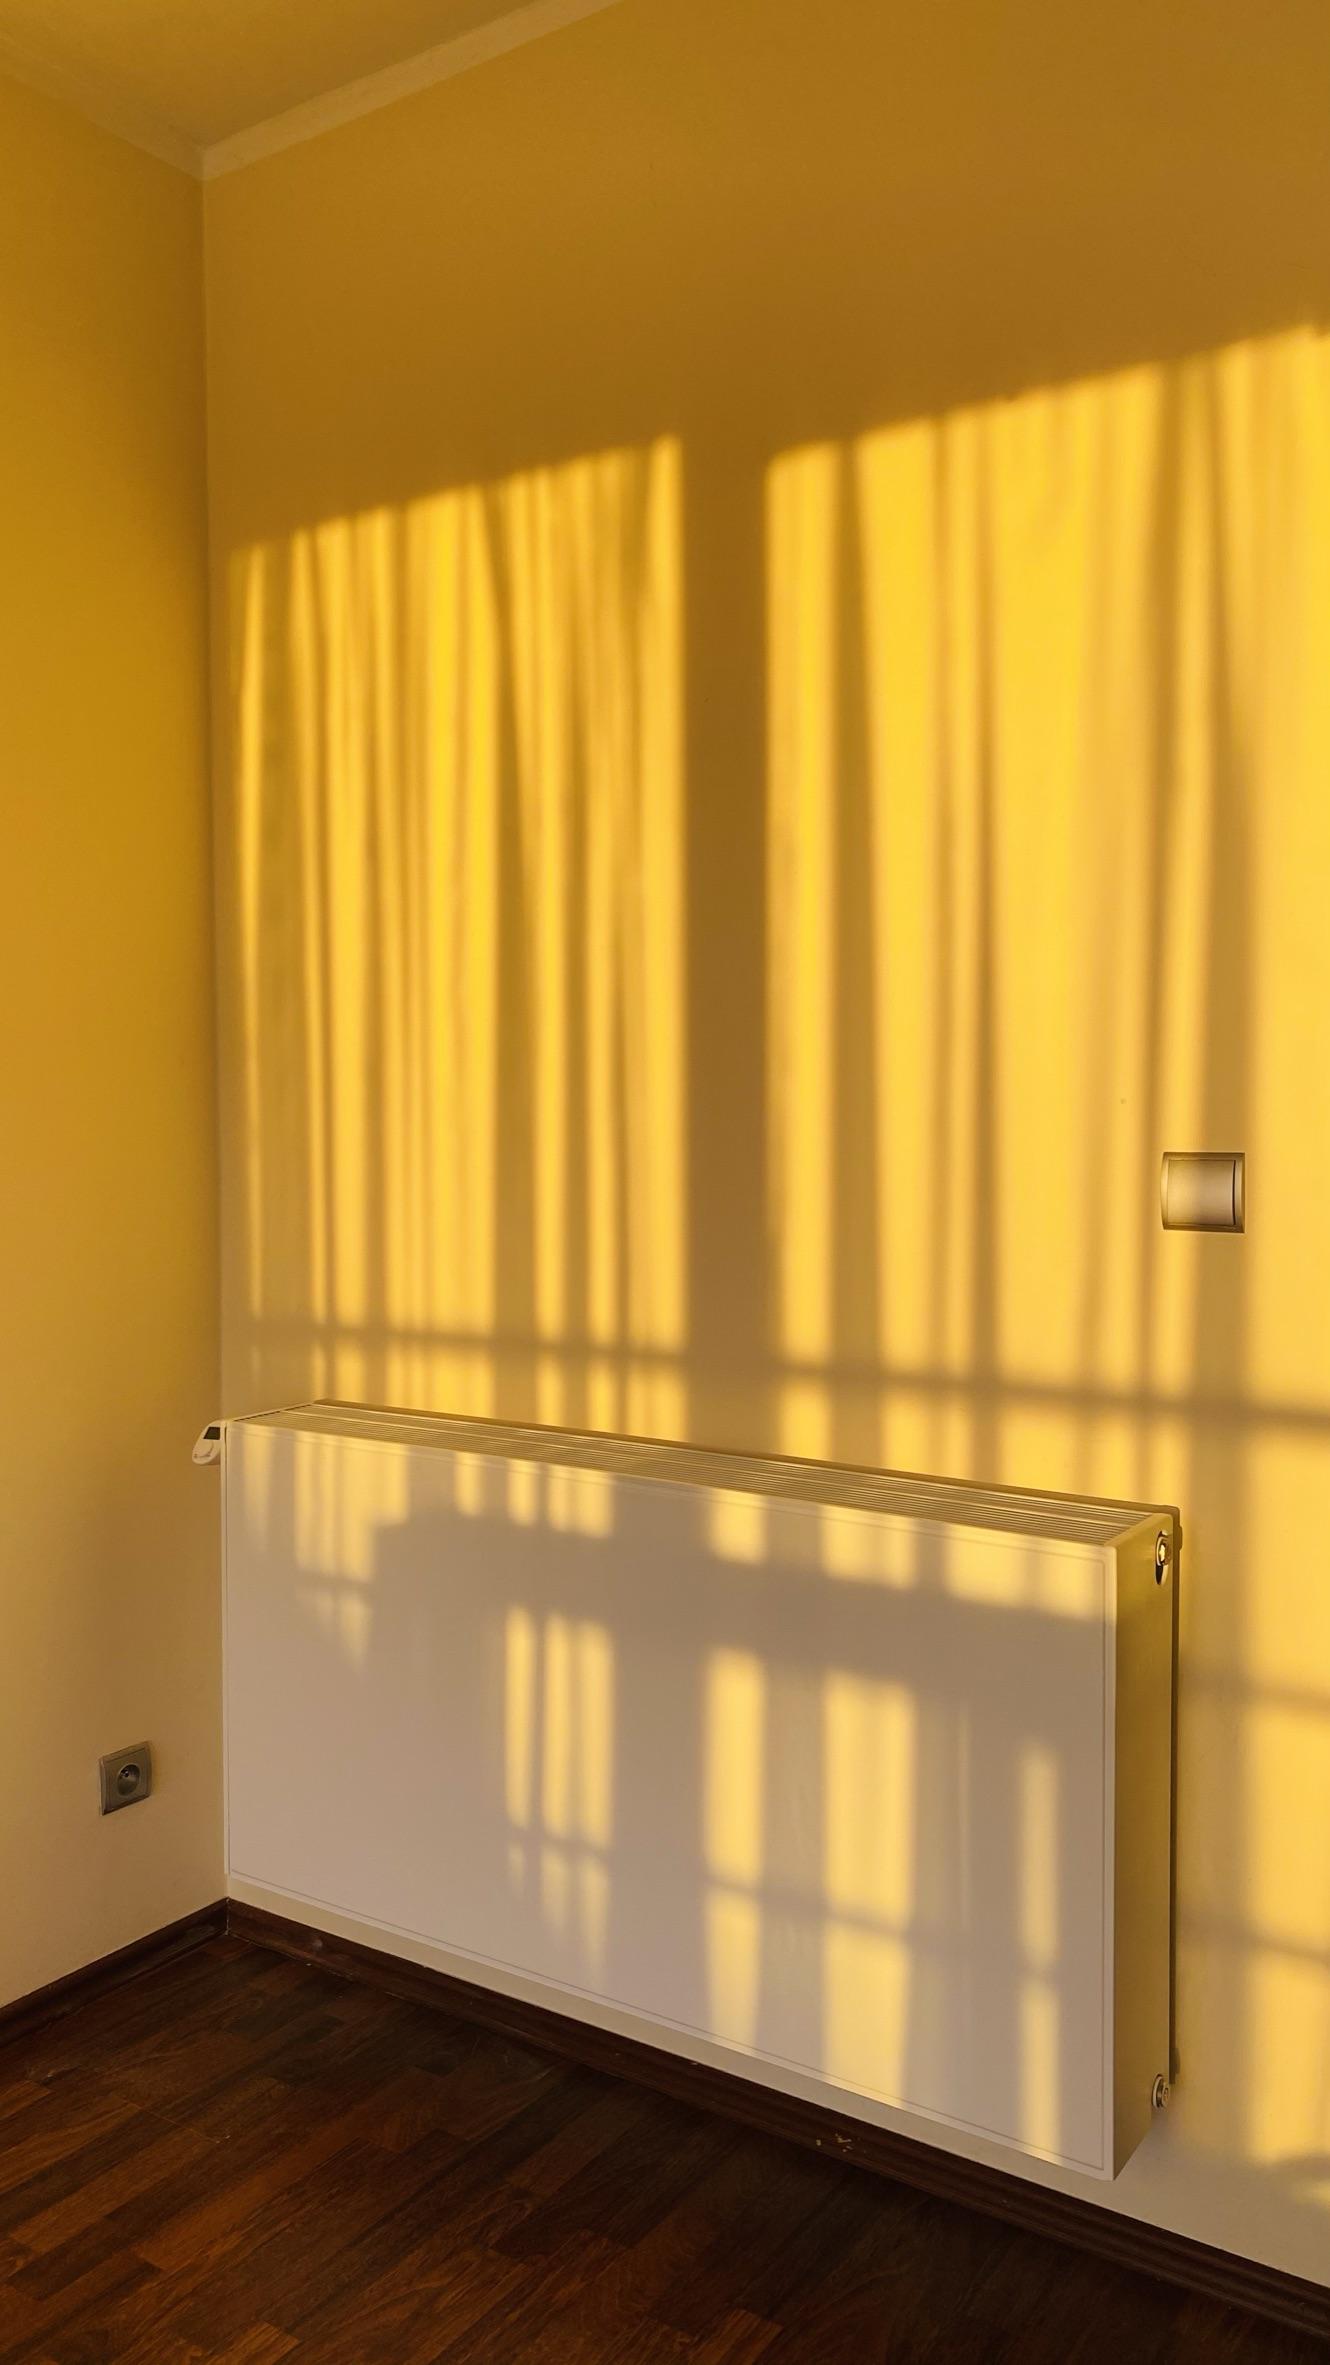 grzejnik bez profili | płaski | modernizacja do pompy ciepła